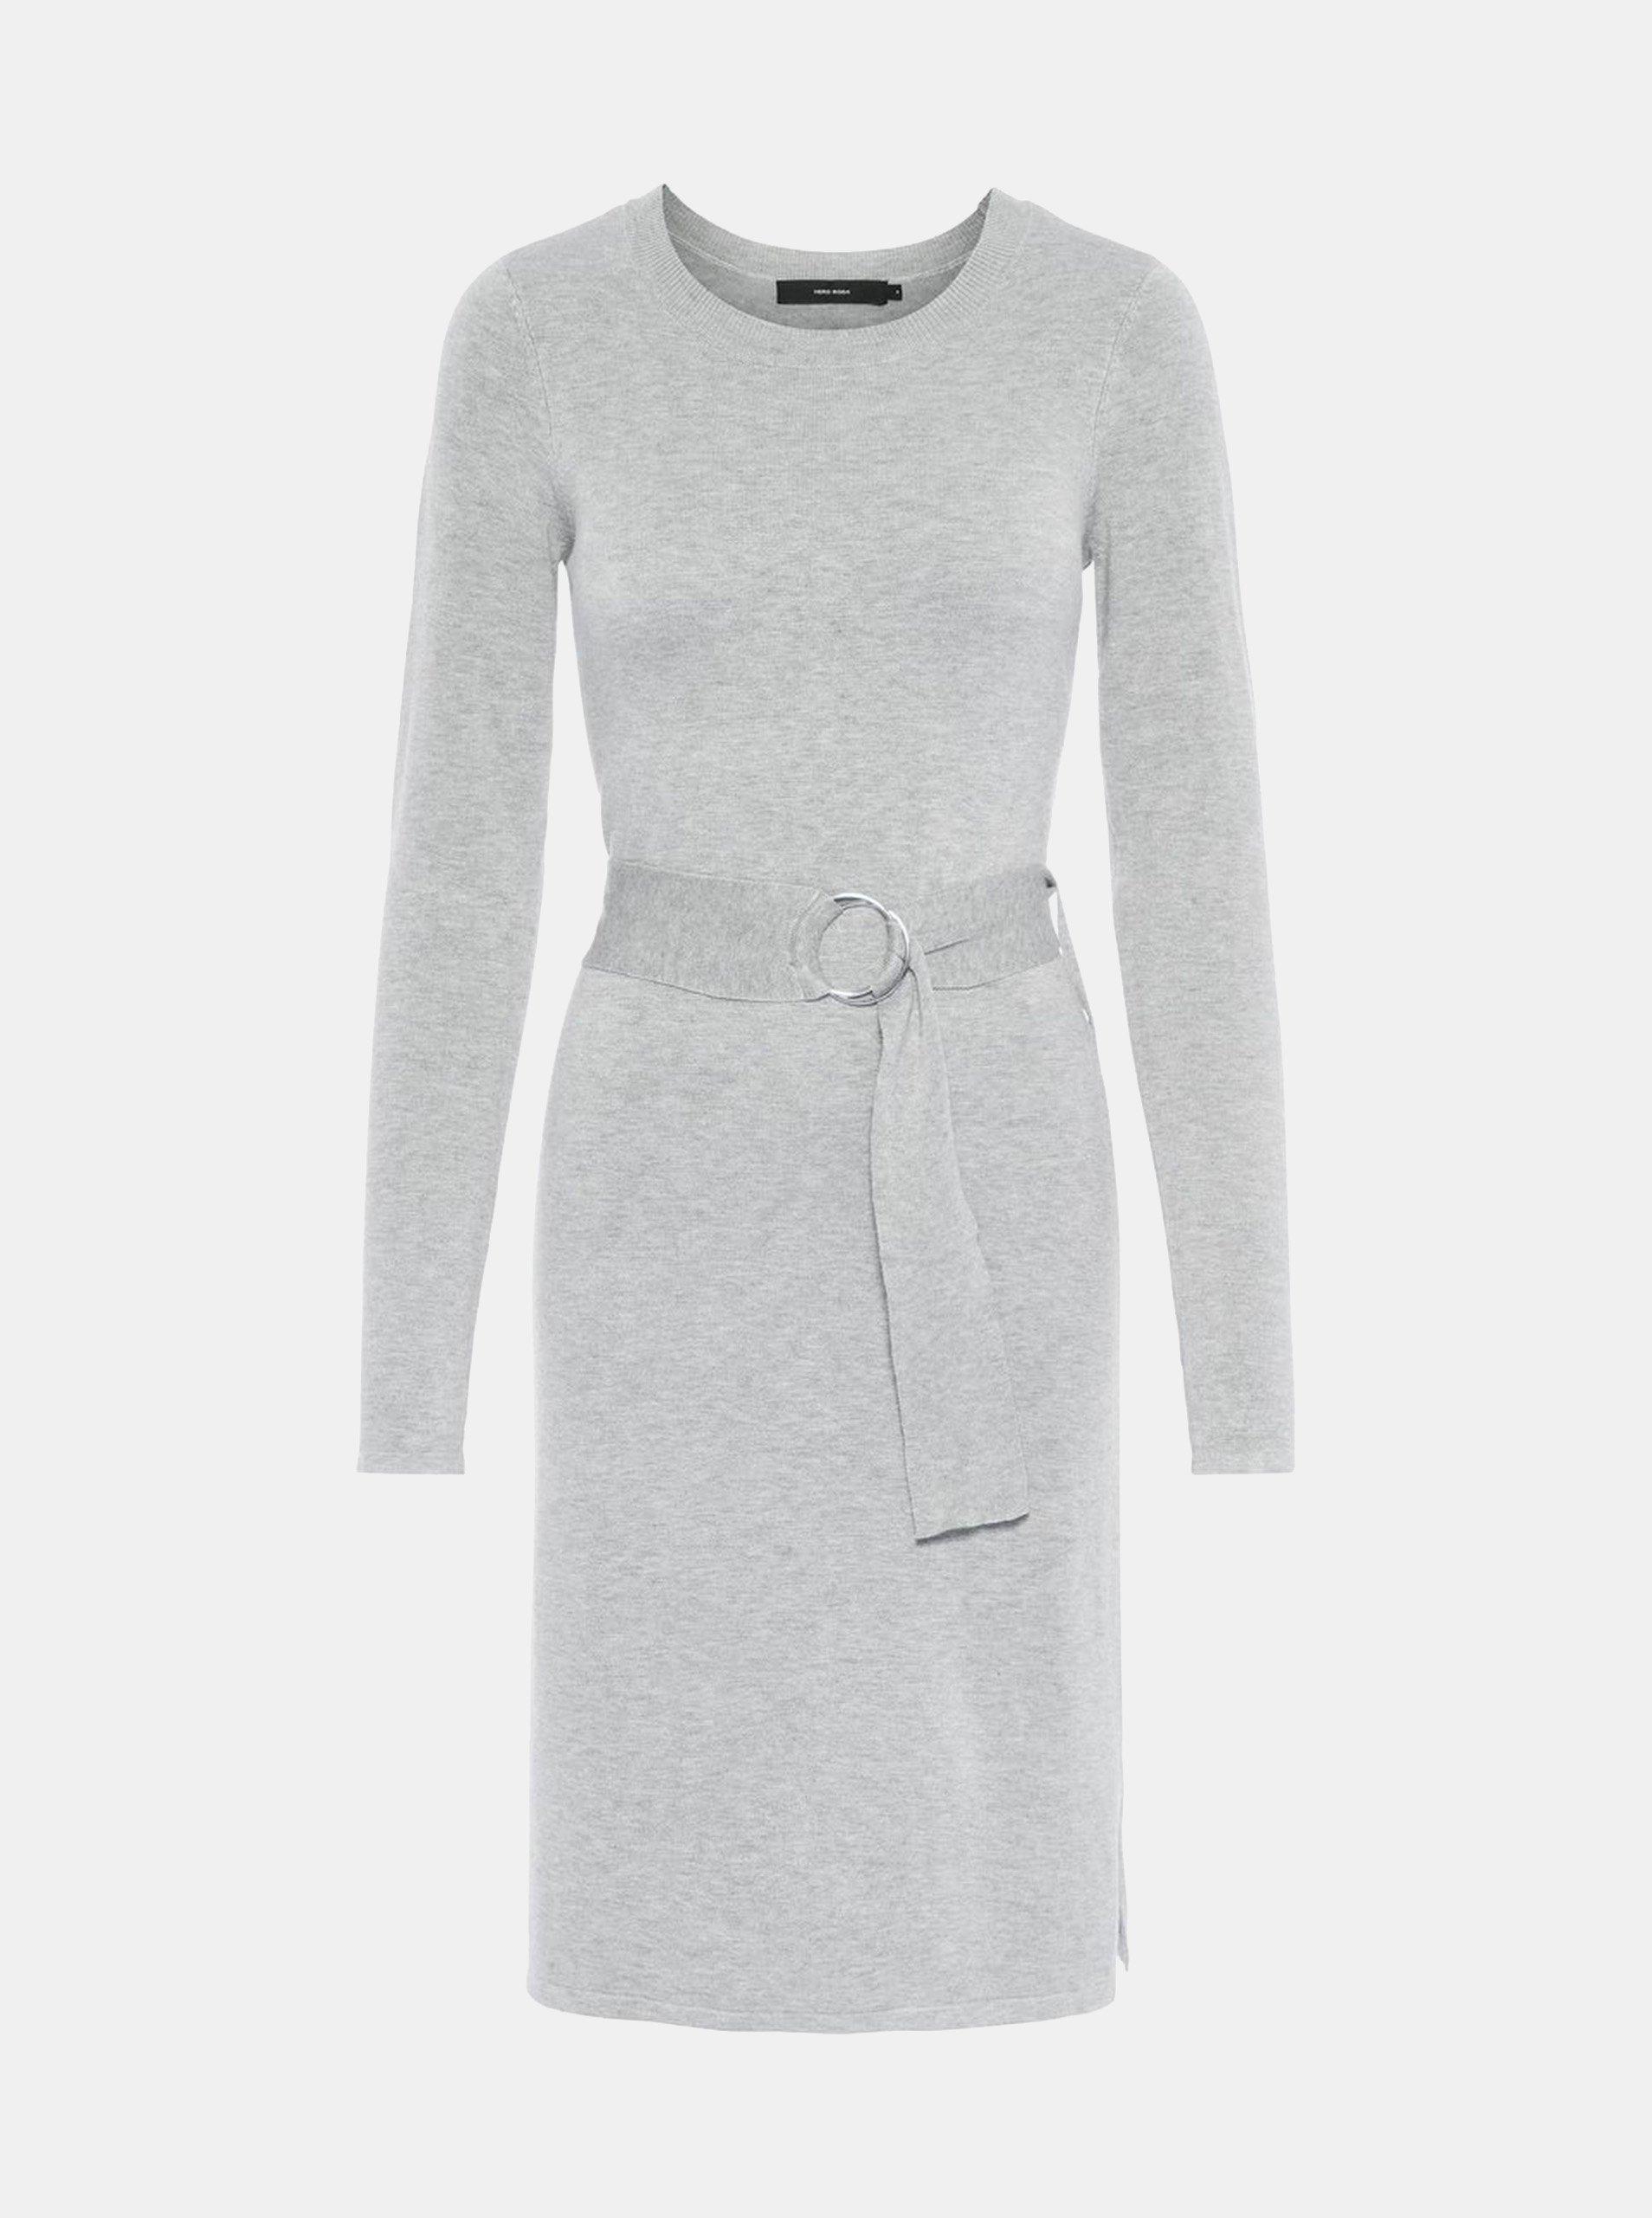 Šedé svetrové šaty s páskem VERO MODA Sidse 633f7405b3